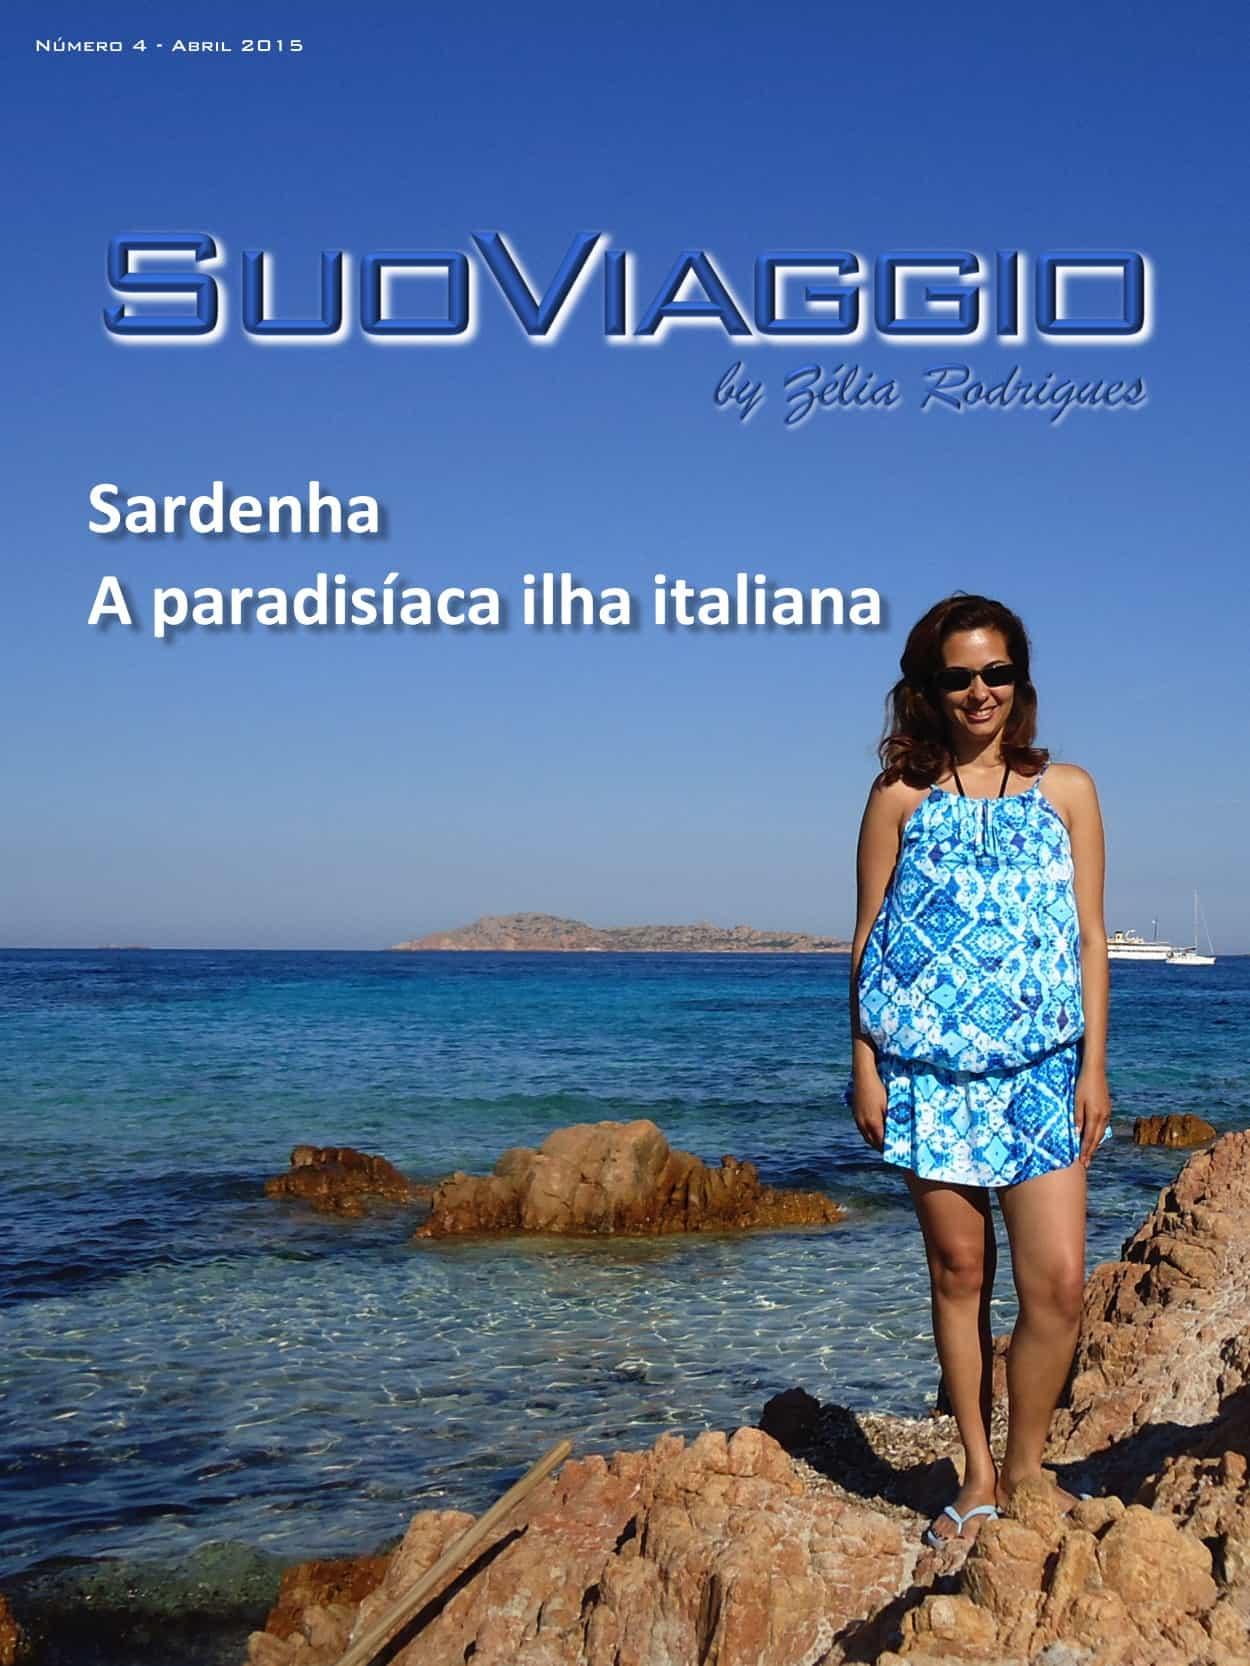 Sardenha. A paradisíaca ilha italiana